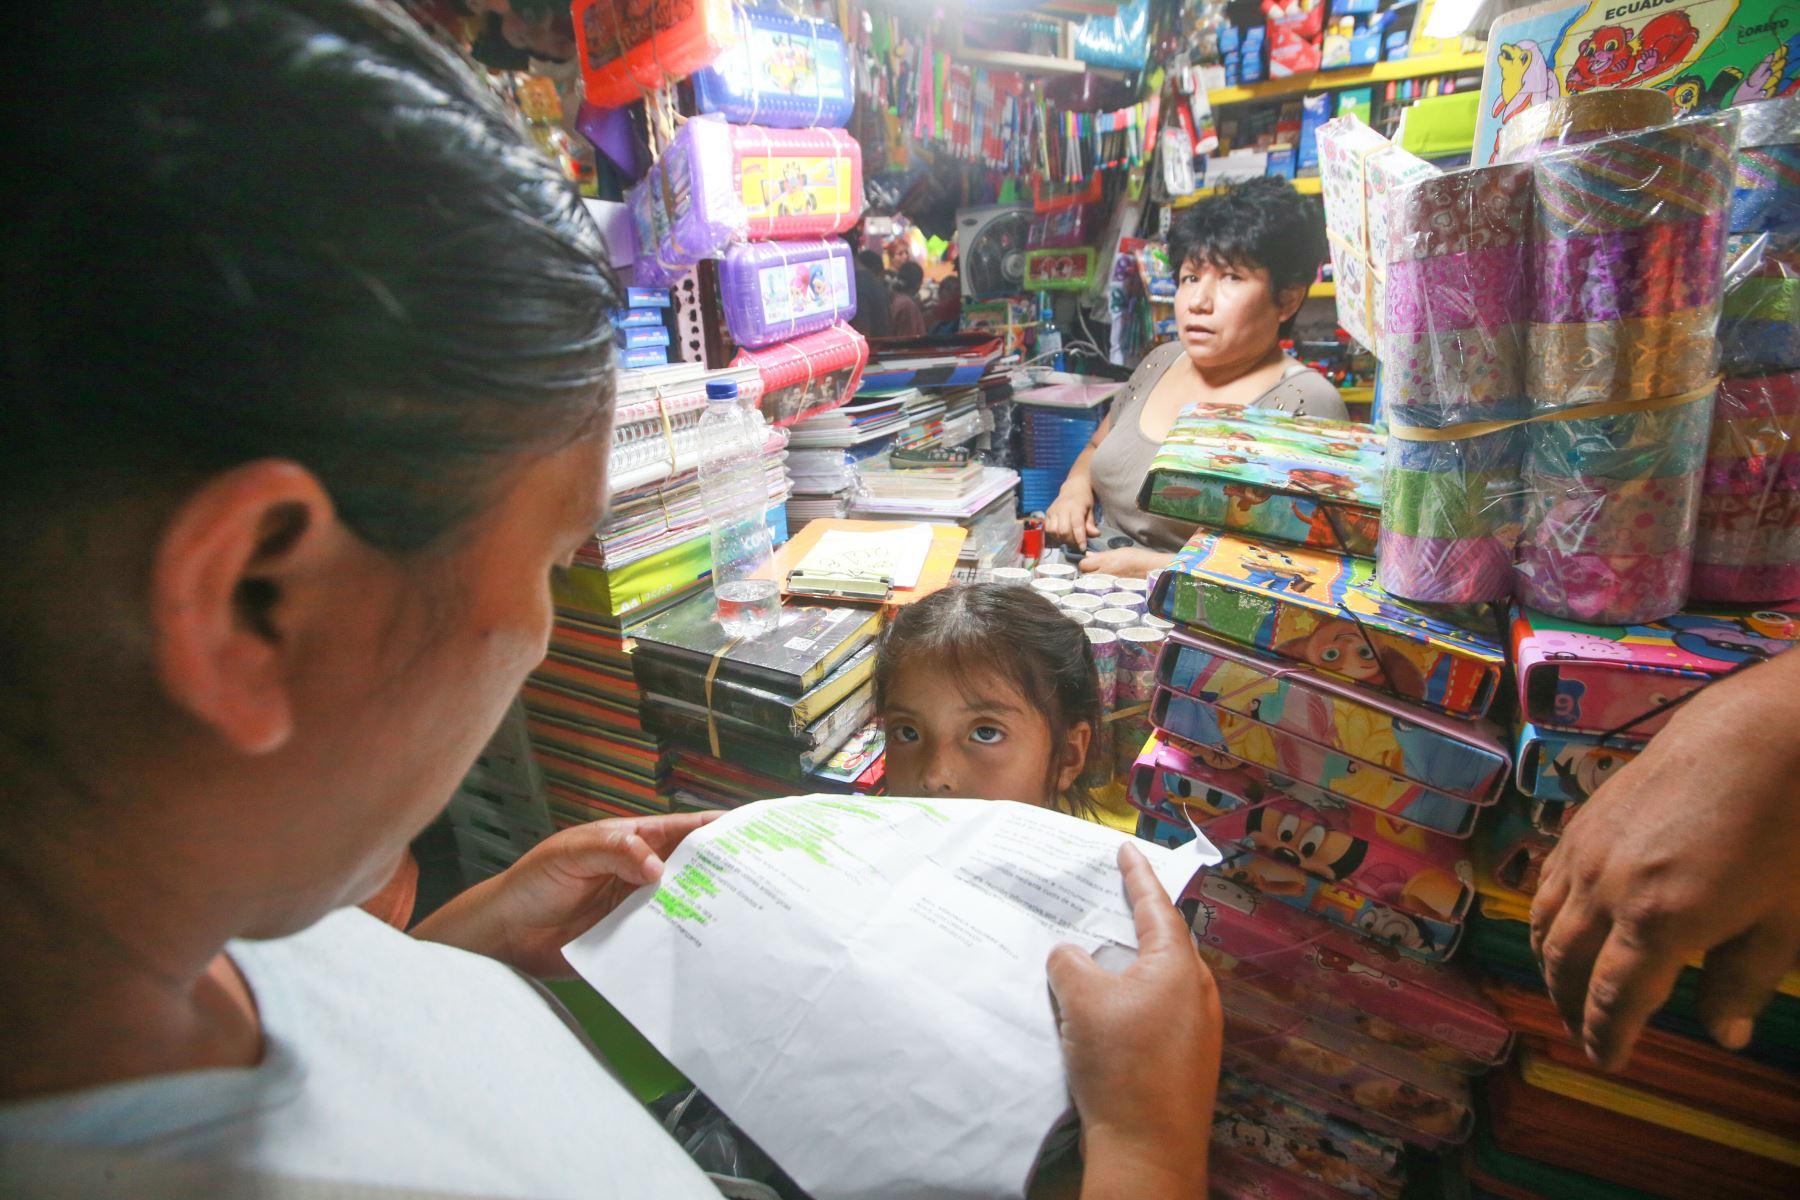 Una estudiante acompaña a su mamá en la compra de útiles para su colegio. Foto: ANDINA/ Jhony Laurente